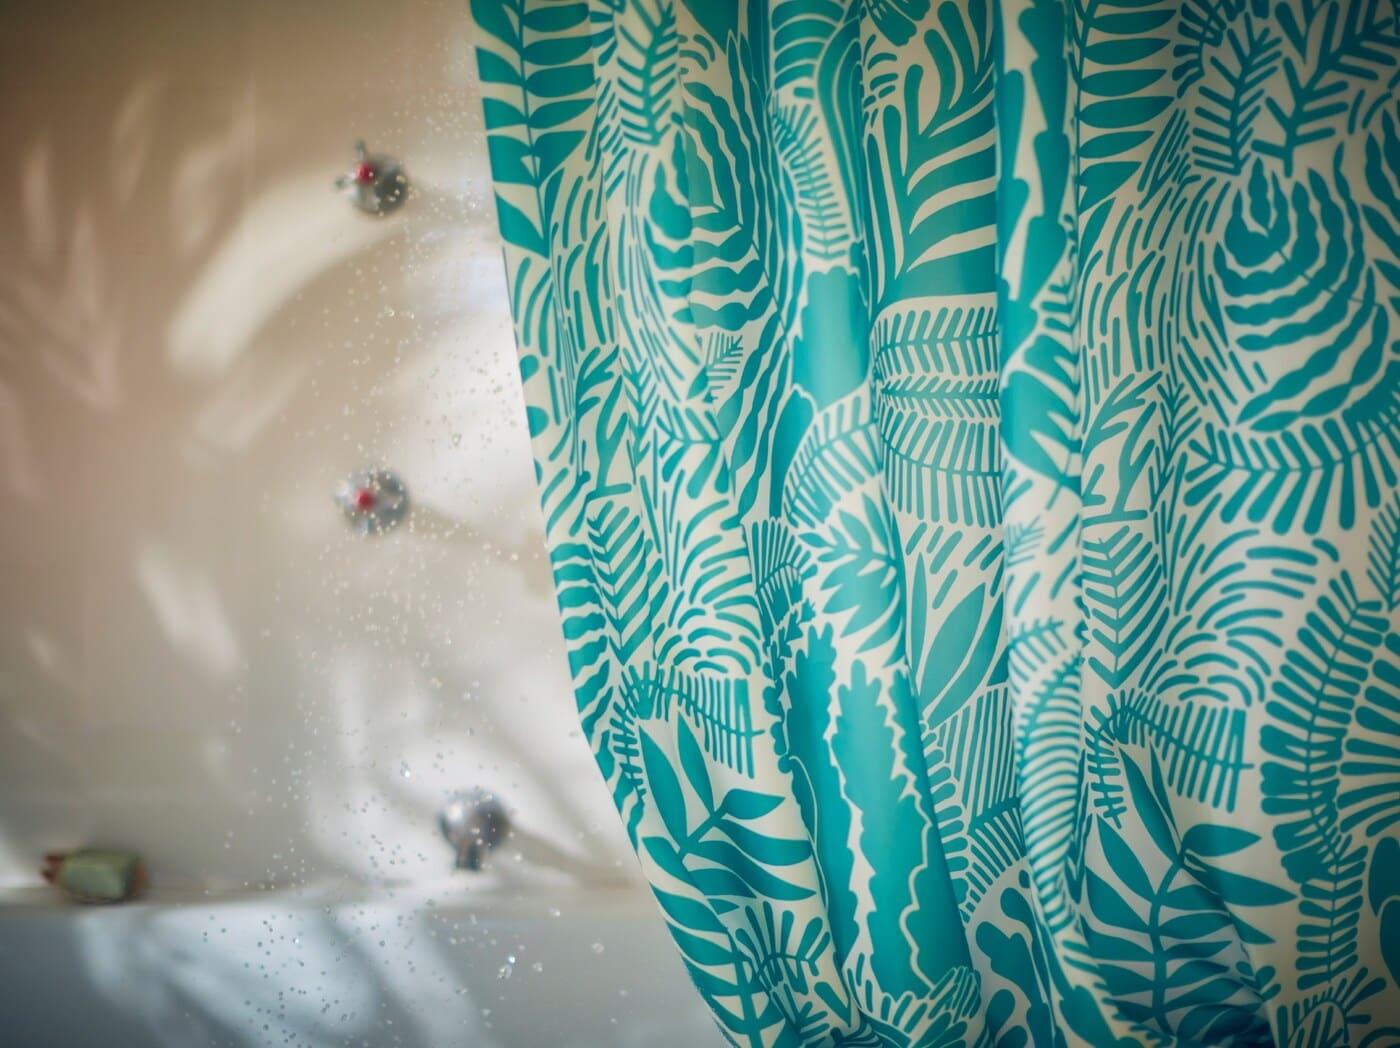 Gros plan sur le rideau de douche GATKAMOMILL. Il présente un motif feuillu et amusant turquoise et blanc en liaison avec une baignoire.